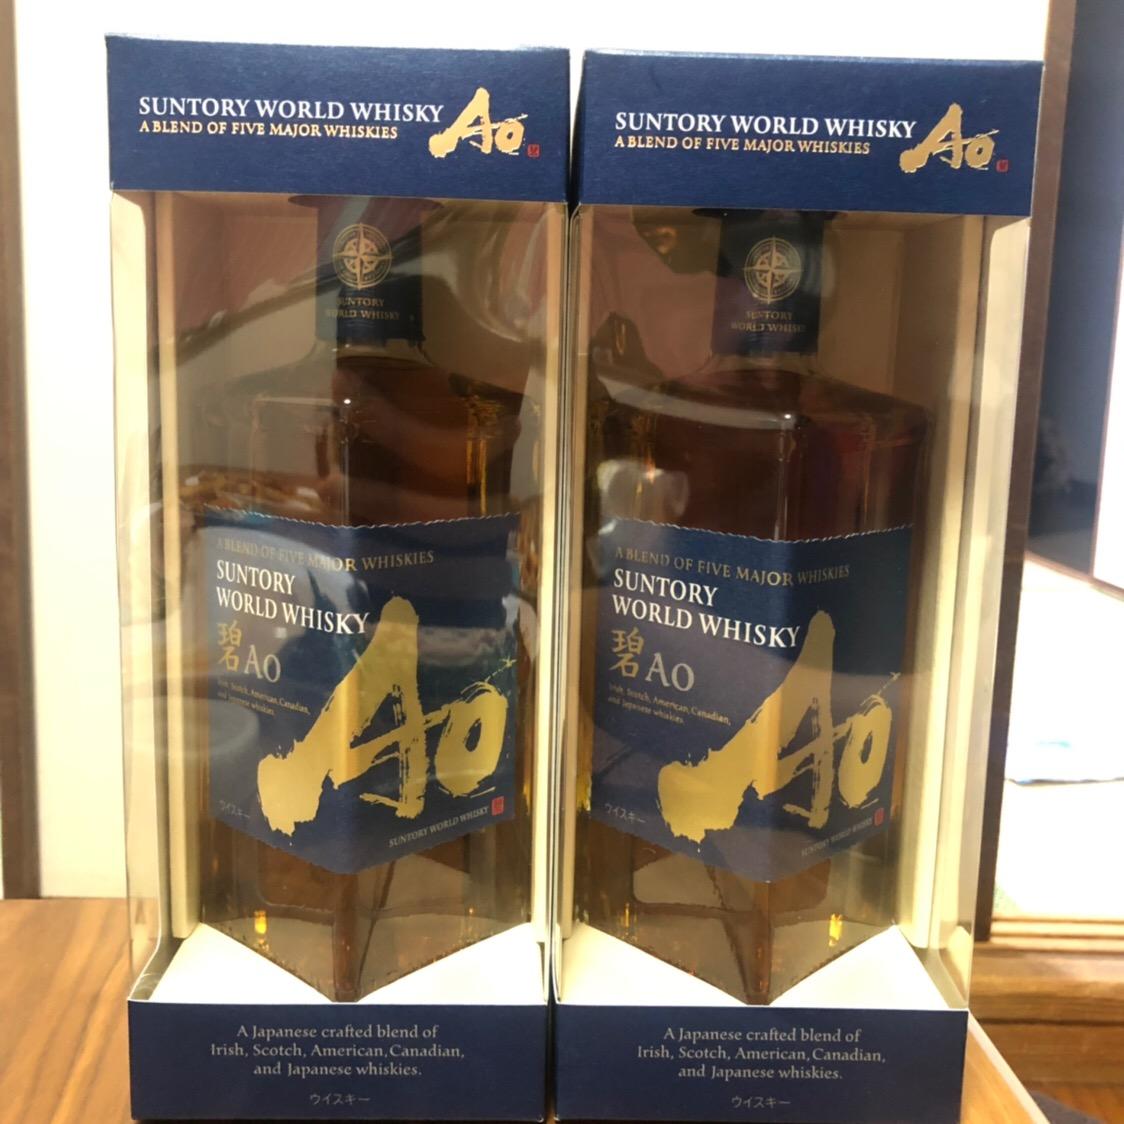 サントリーワールドウィスキー AO碧をイエノバで発売開始17秒で購入!!届いたので試飲する